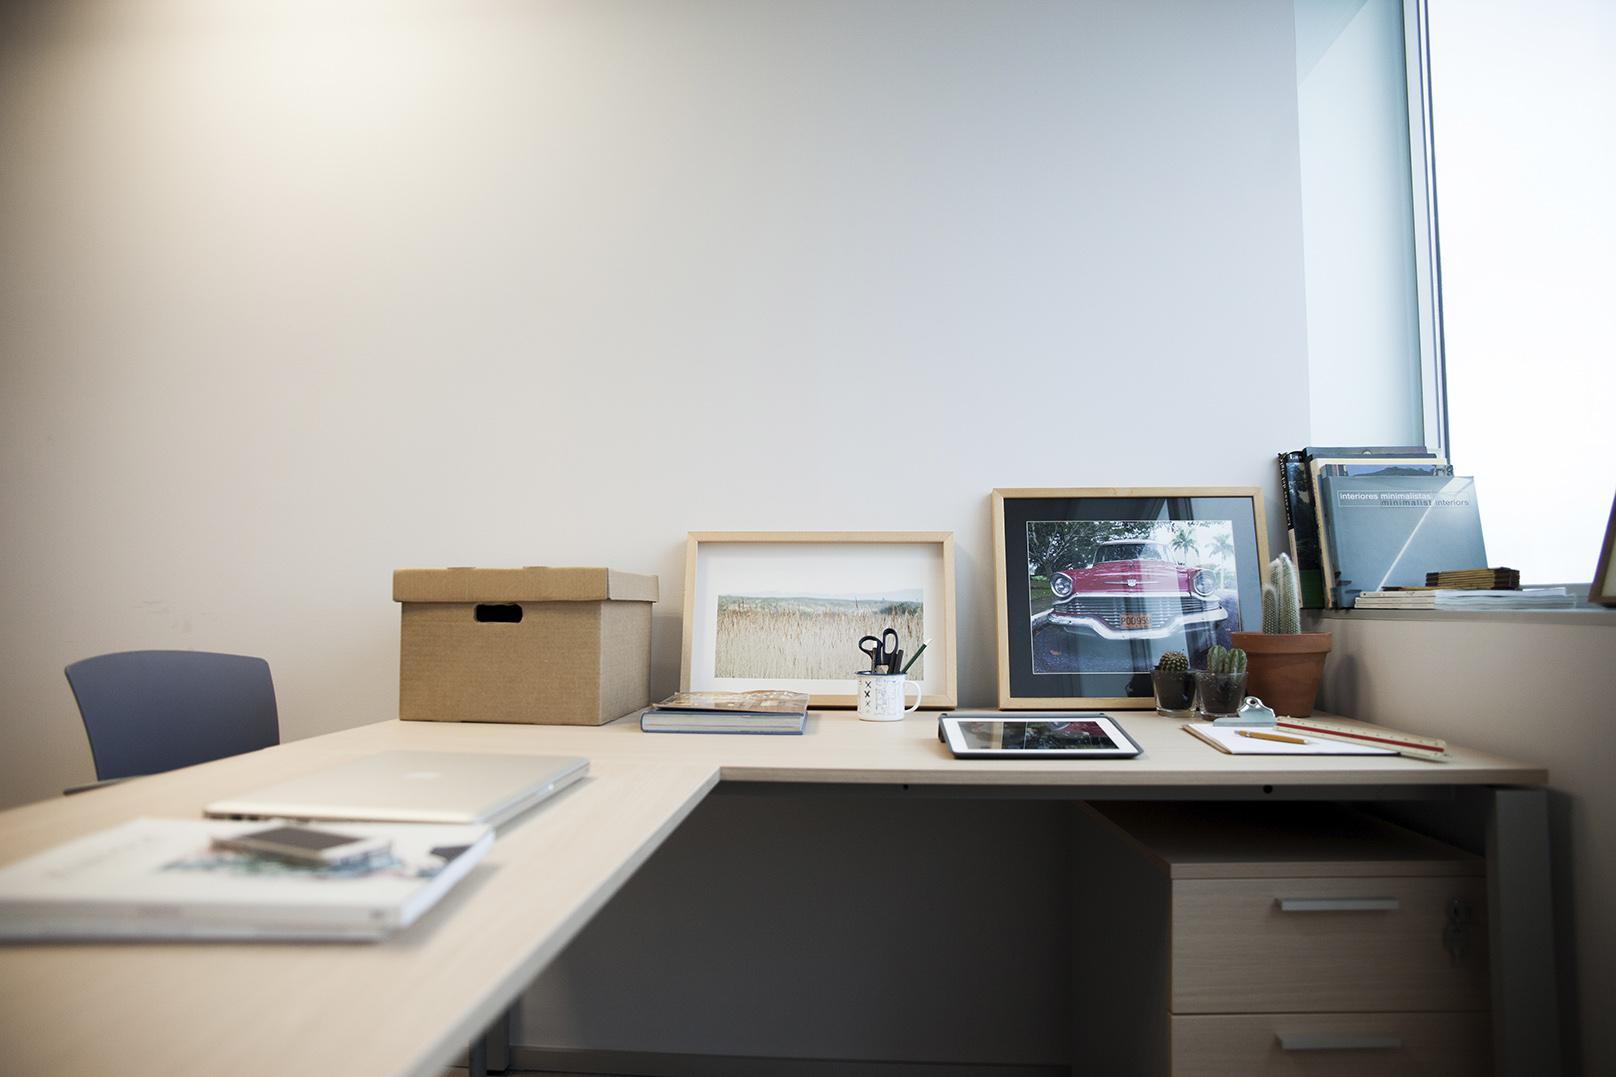 Alquiler de despacho individual con mesa y cajonera. Espaciogeo Vigo